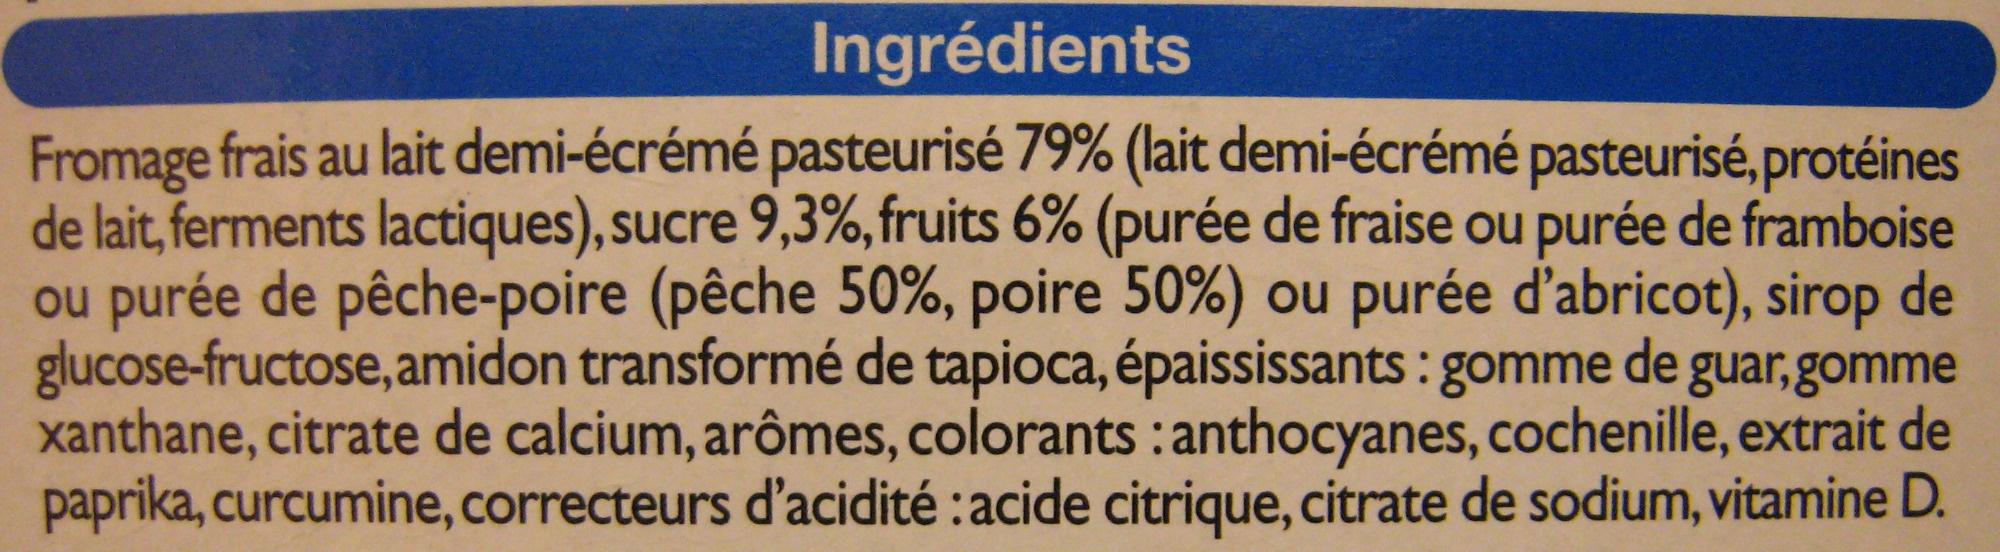 Kids Fromages frais aux fruits (3,3 % MG) - Ingrédients - fr